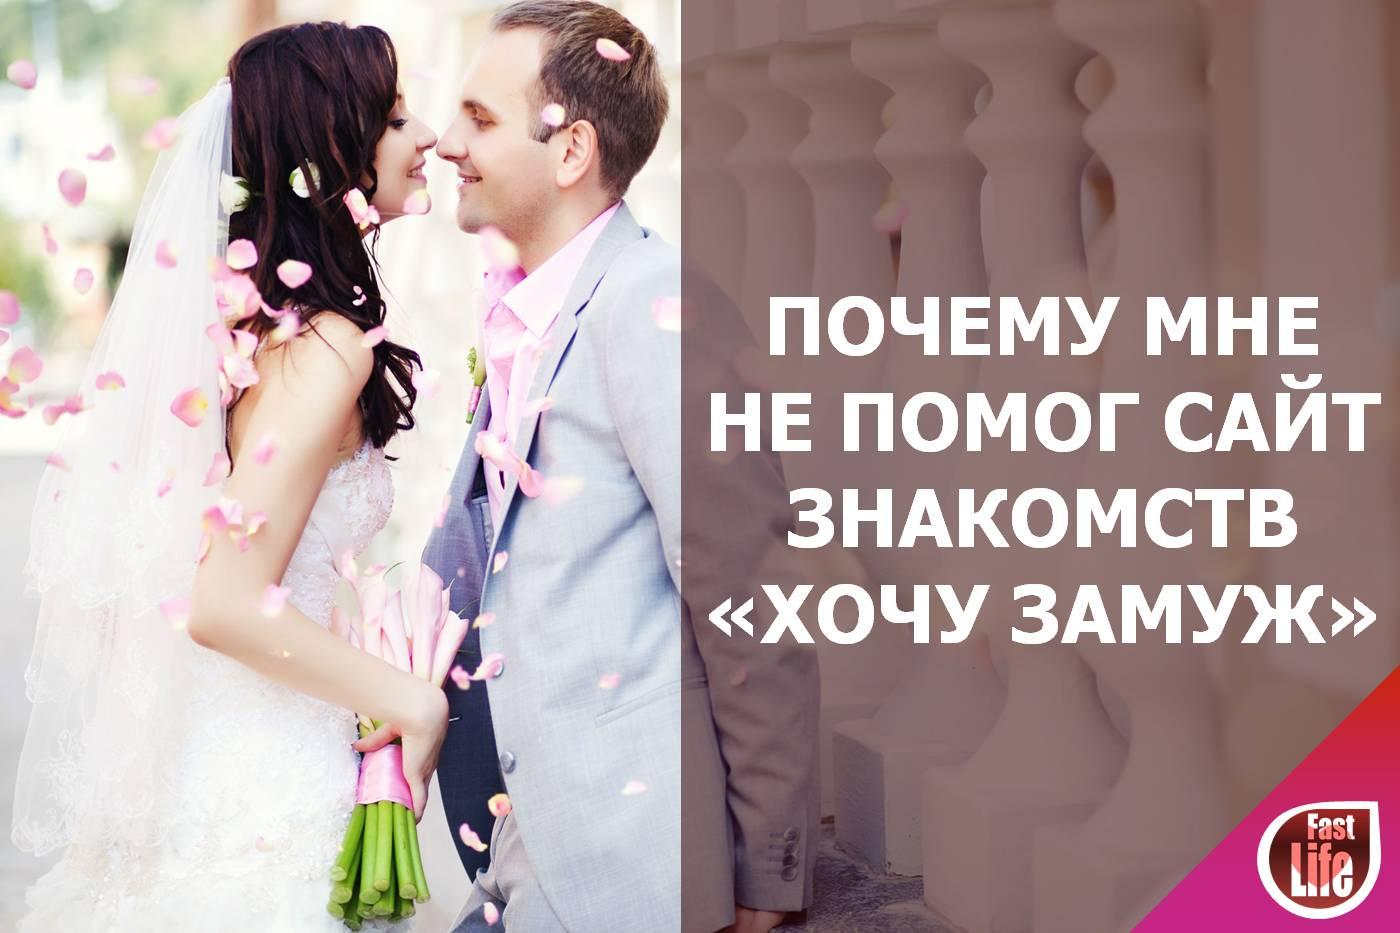 хочет замуж выйти кто сайт серьёзные для тех знакомства